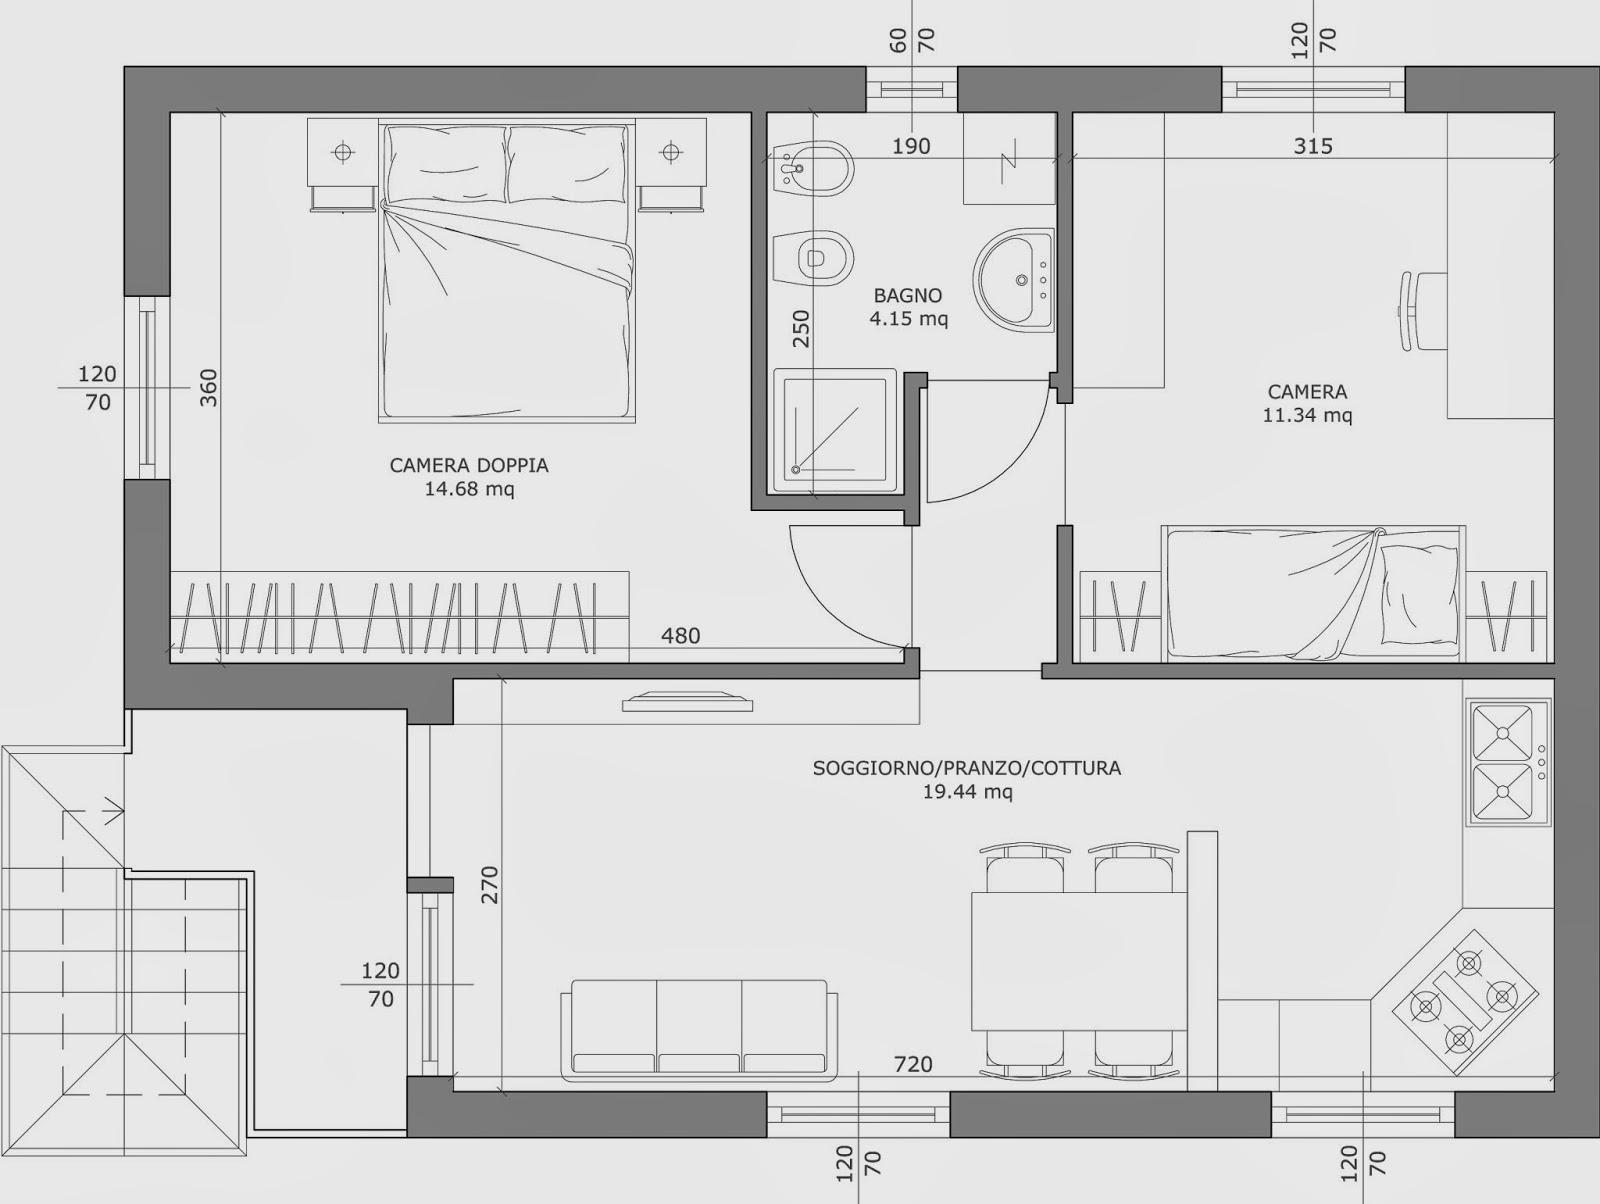 The marti 39 s loft for Disegnare la pianta del piano di casa